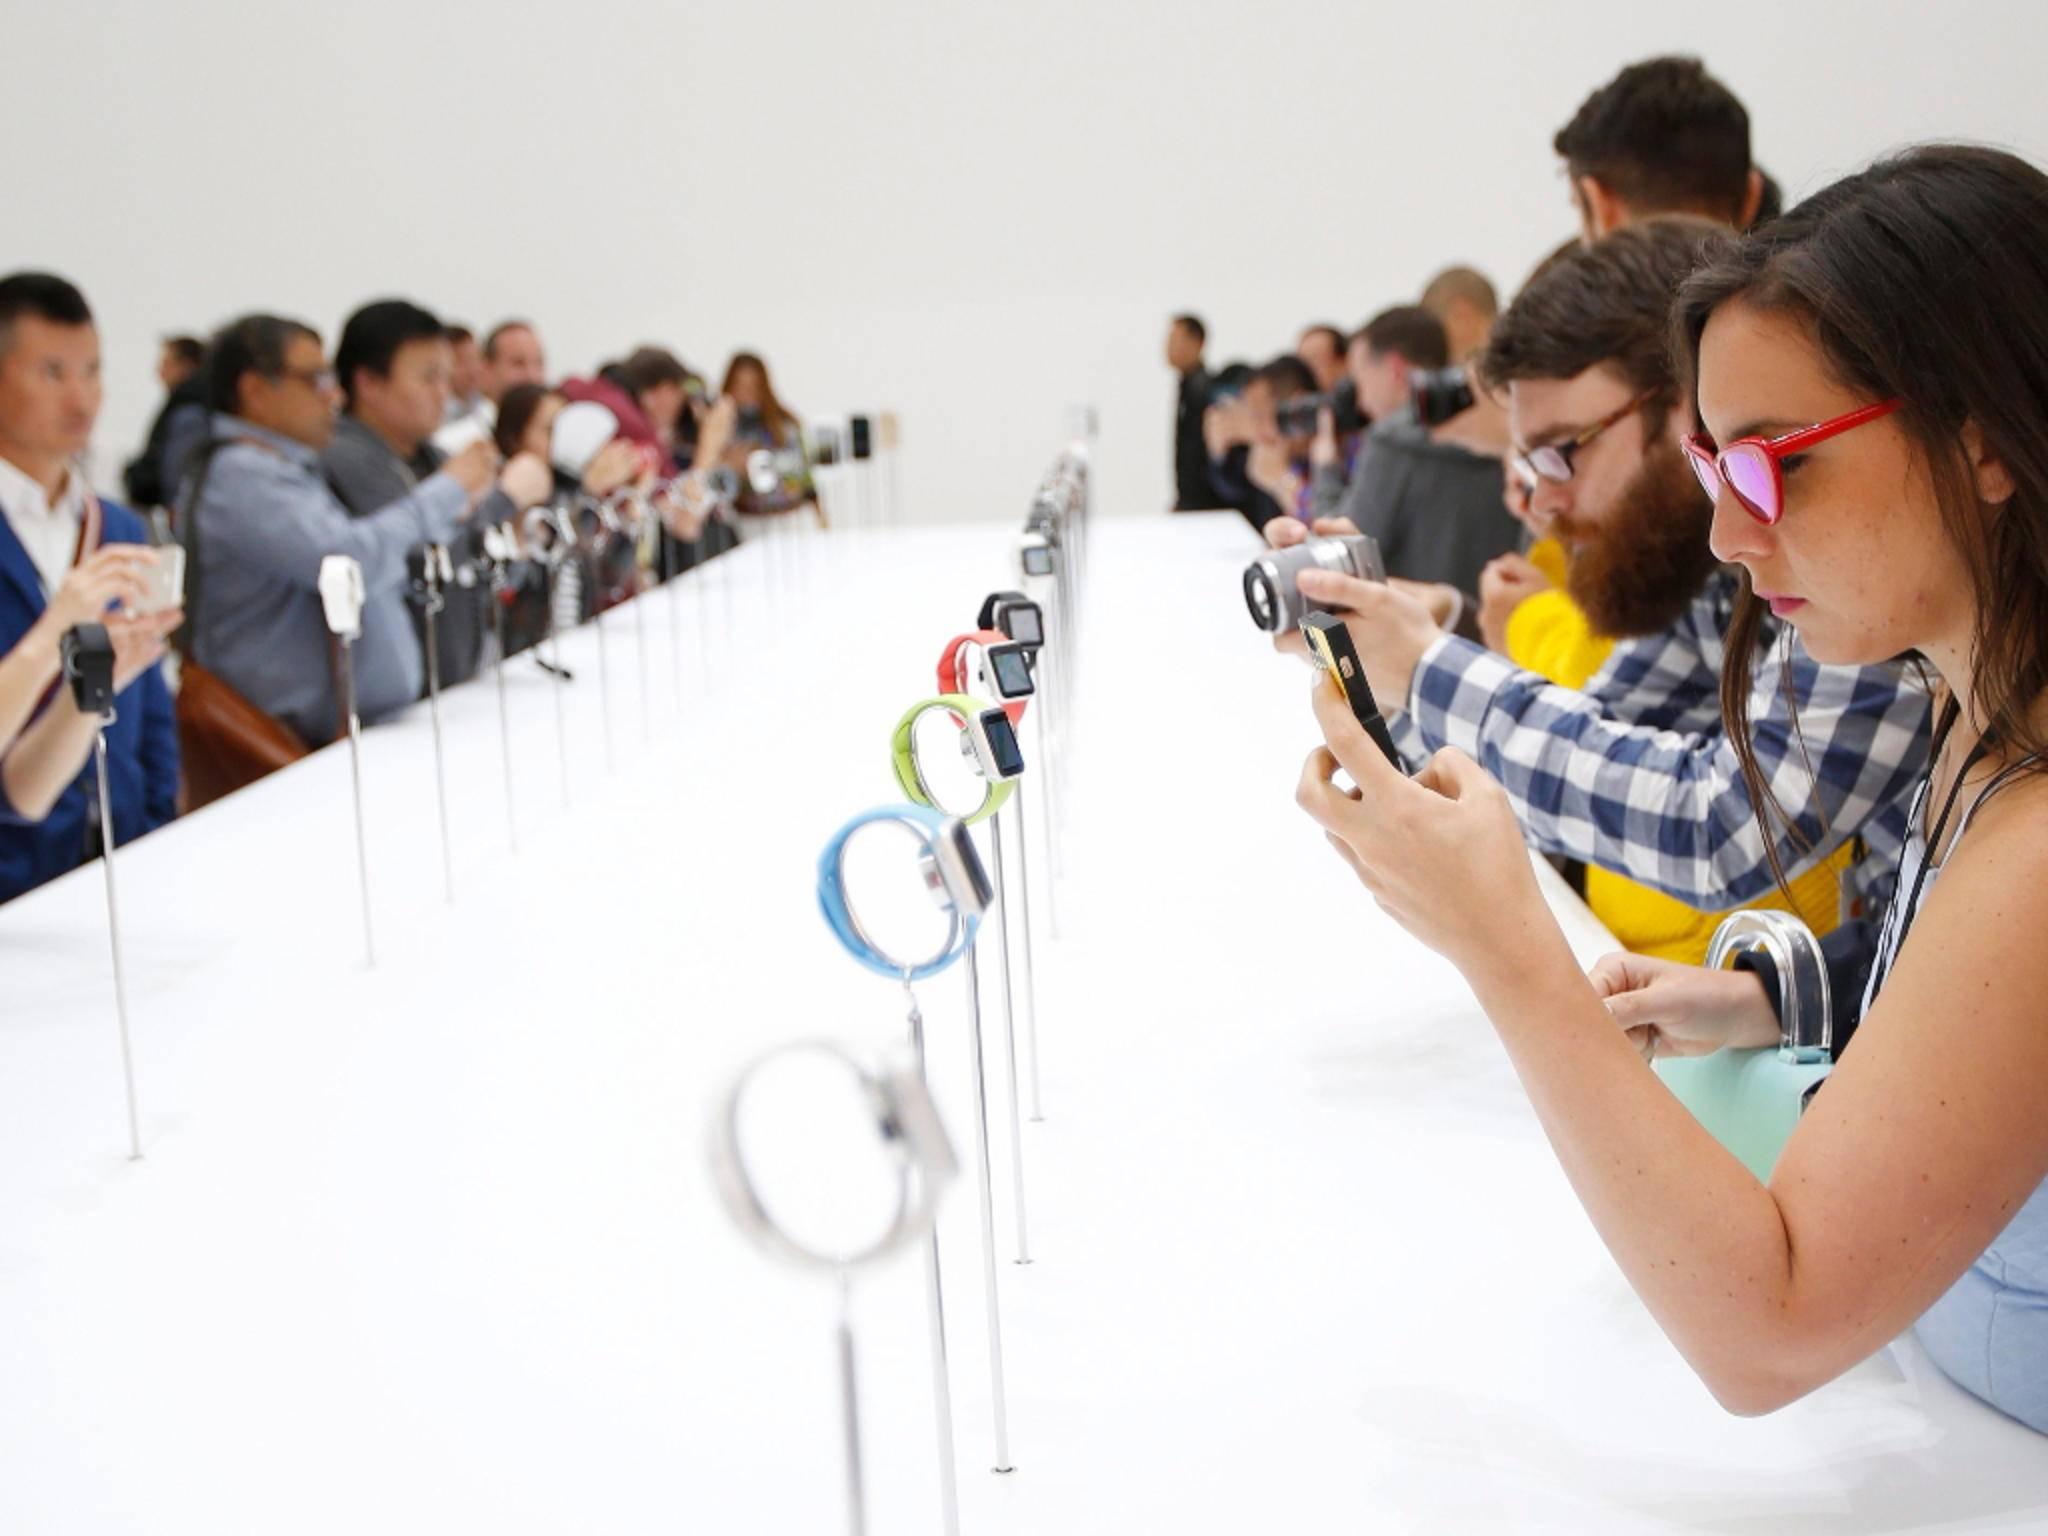 Ob hier alle wissen, was die Apple Watch kann?